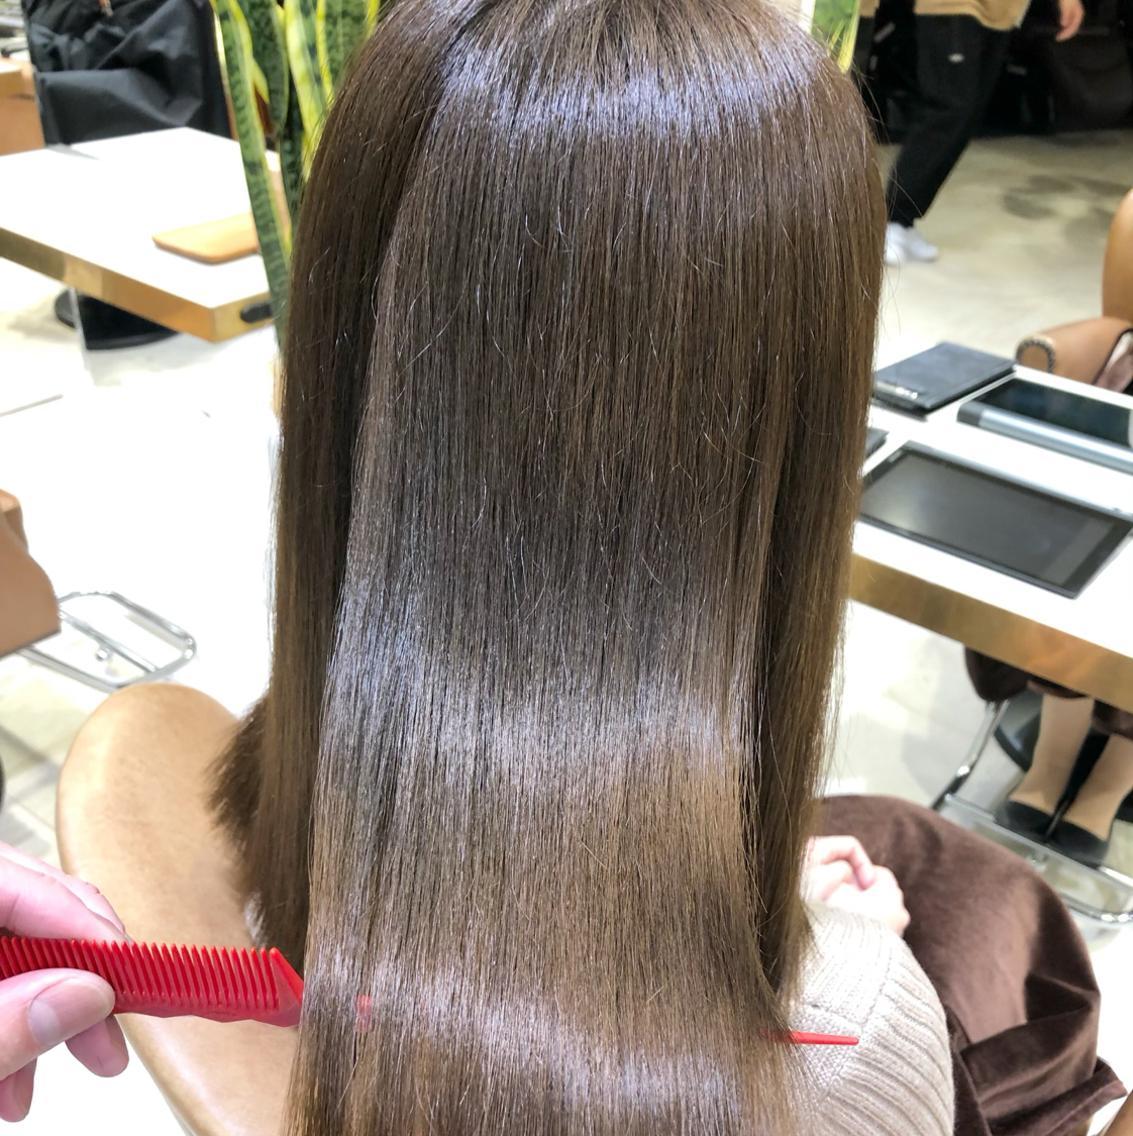 アッシュ系で話題のアディクシーカラーを体験★長く通える美容院をお探しの方大歓迎★髪の毛バッサリ切りたい方大歓迎、